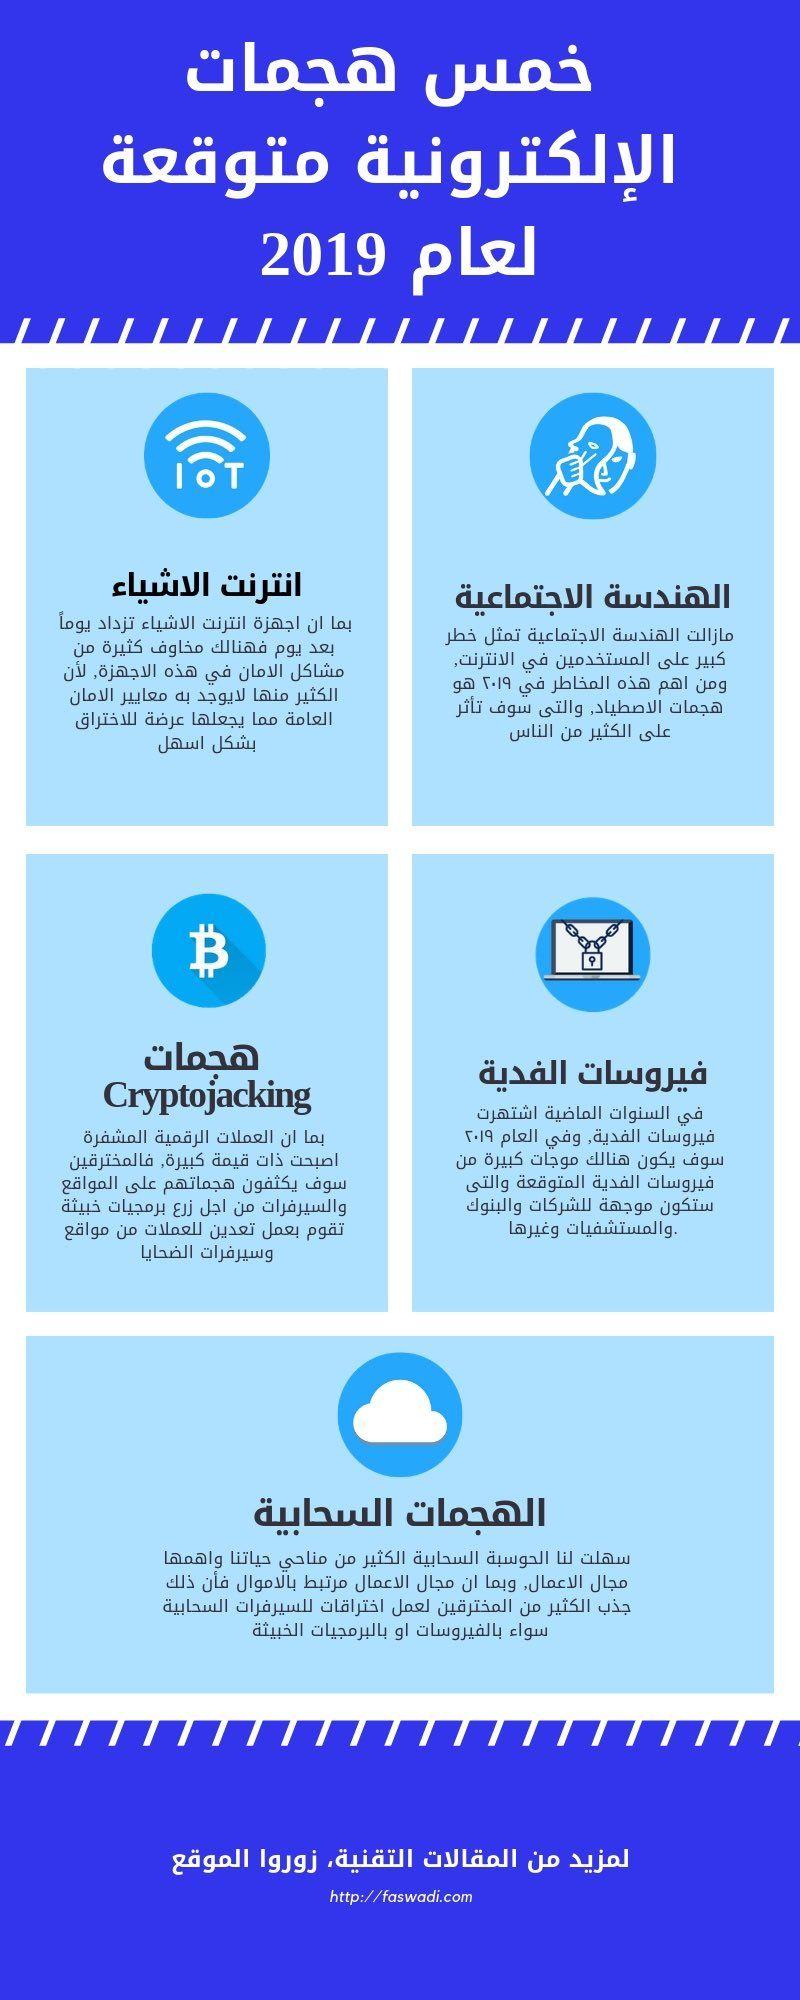 خمس هجمات الكترونية متوقعة في عام 2019 Oia Iot Boarding Pass